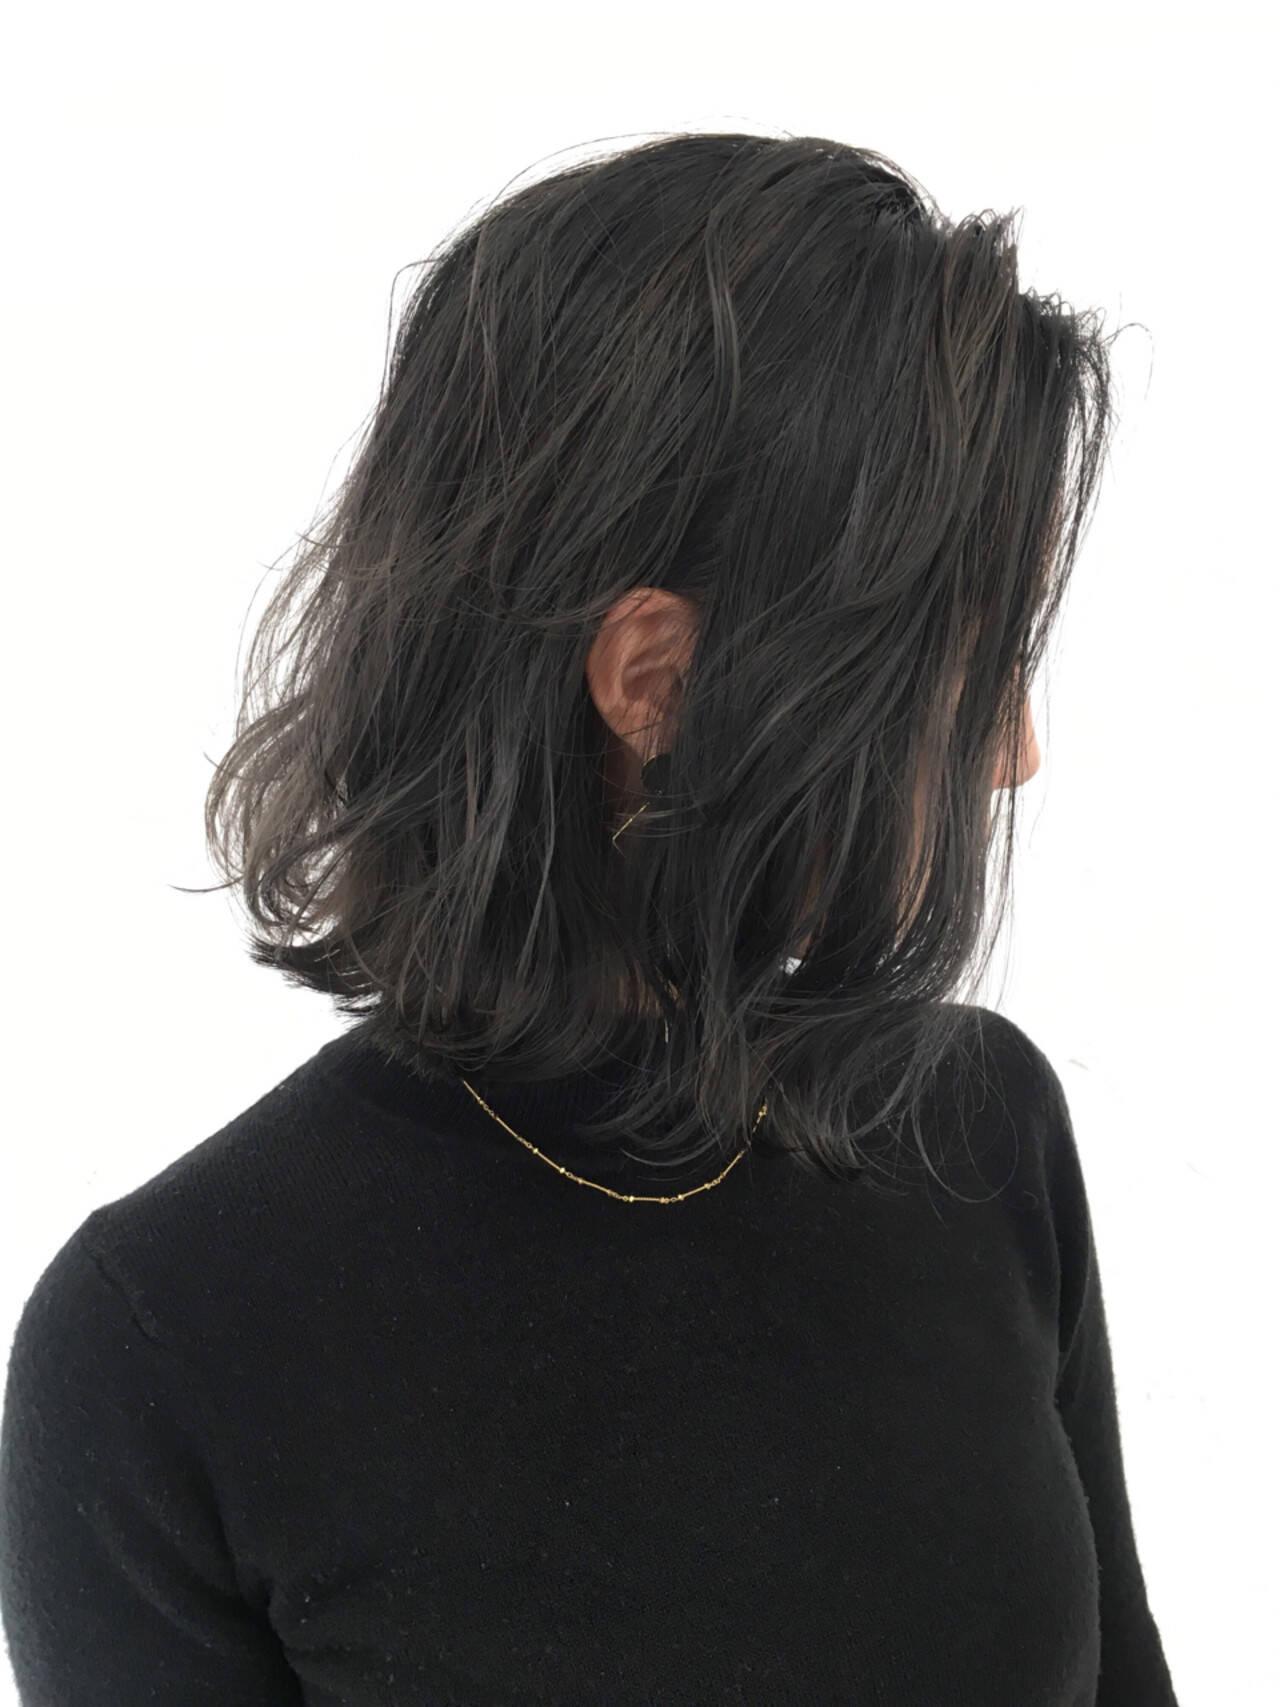 ボブ グラデーションカラー アッシュグレー 切りっぱなしヘアスタイルや髪型の写真・画像